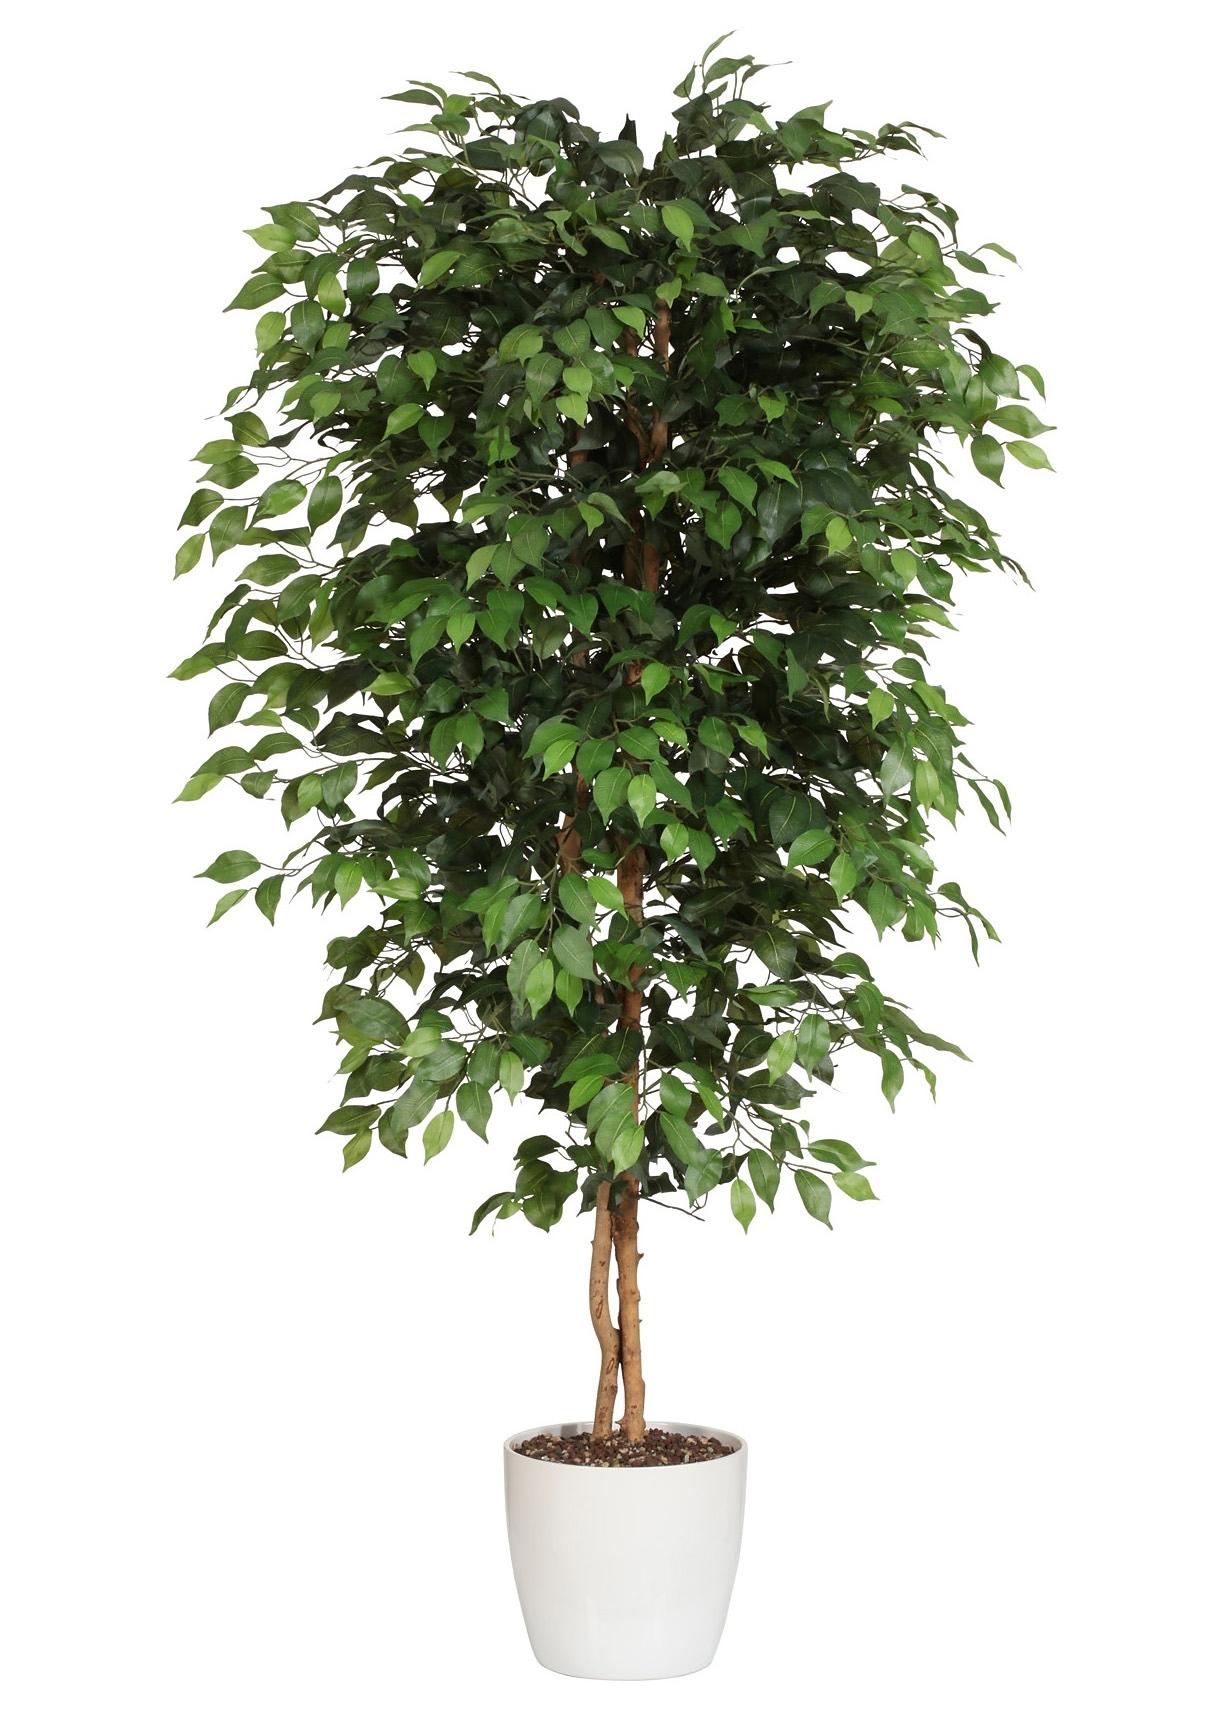 Creativ green kunstplant Ficus Benjamini (1 stuk) voordelig en veilig online kopen